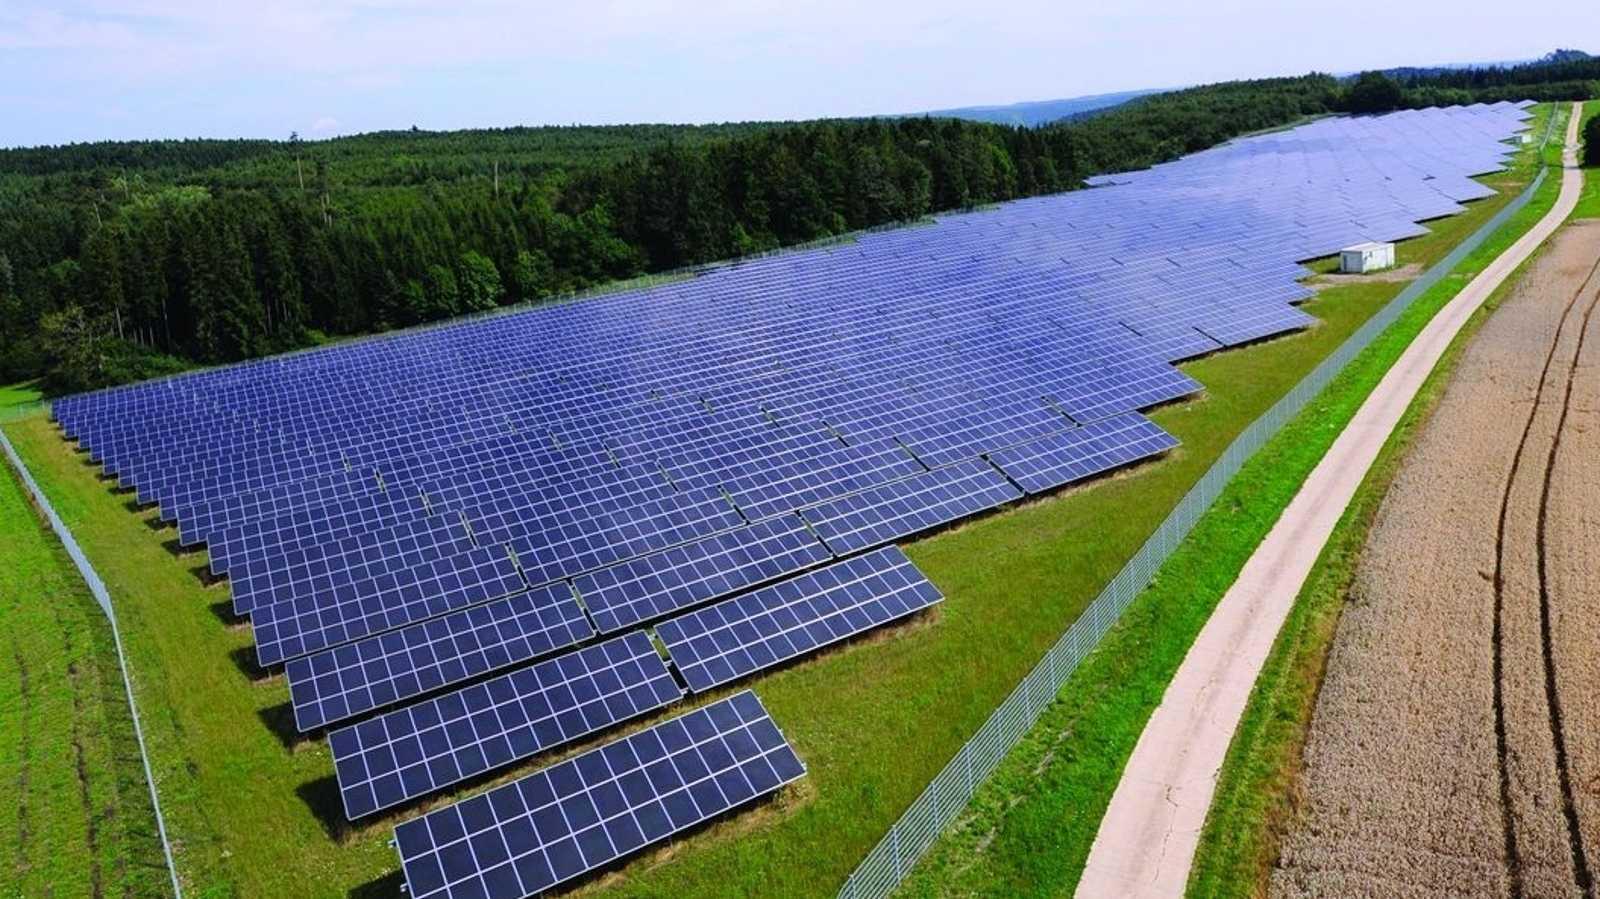 Solarenergie: EnBW will größten Solarpark Deutschlands bauen